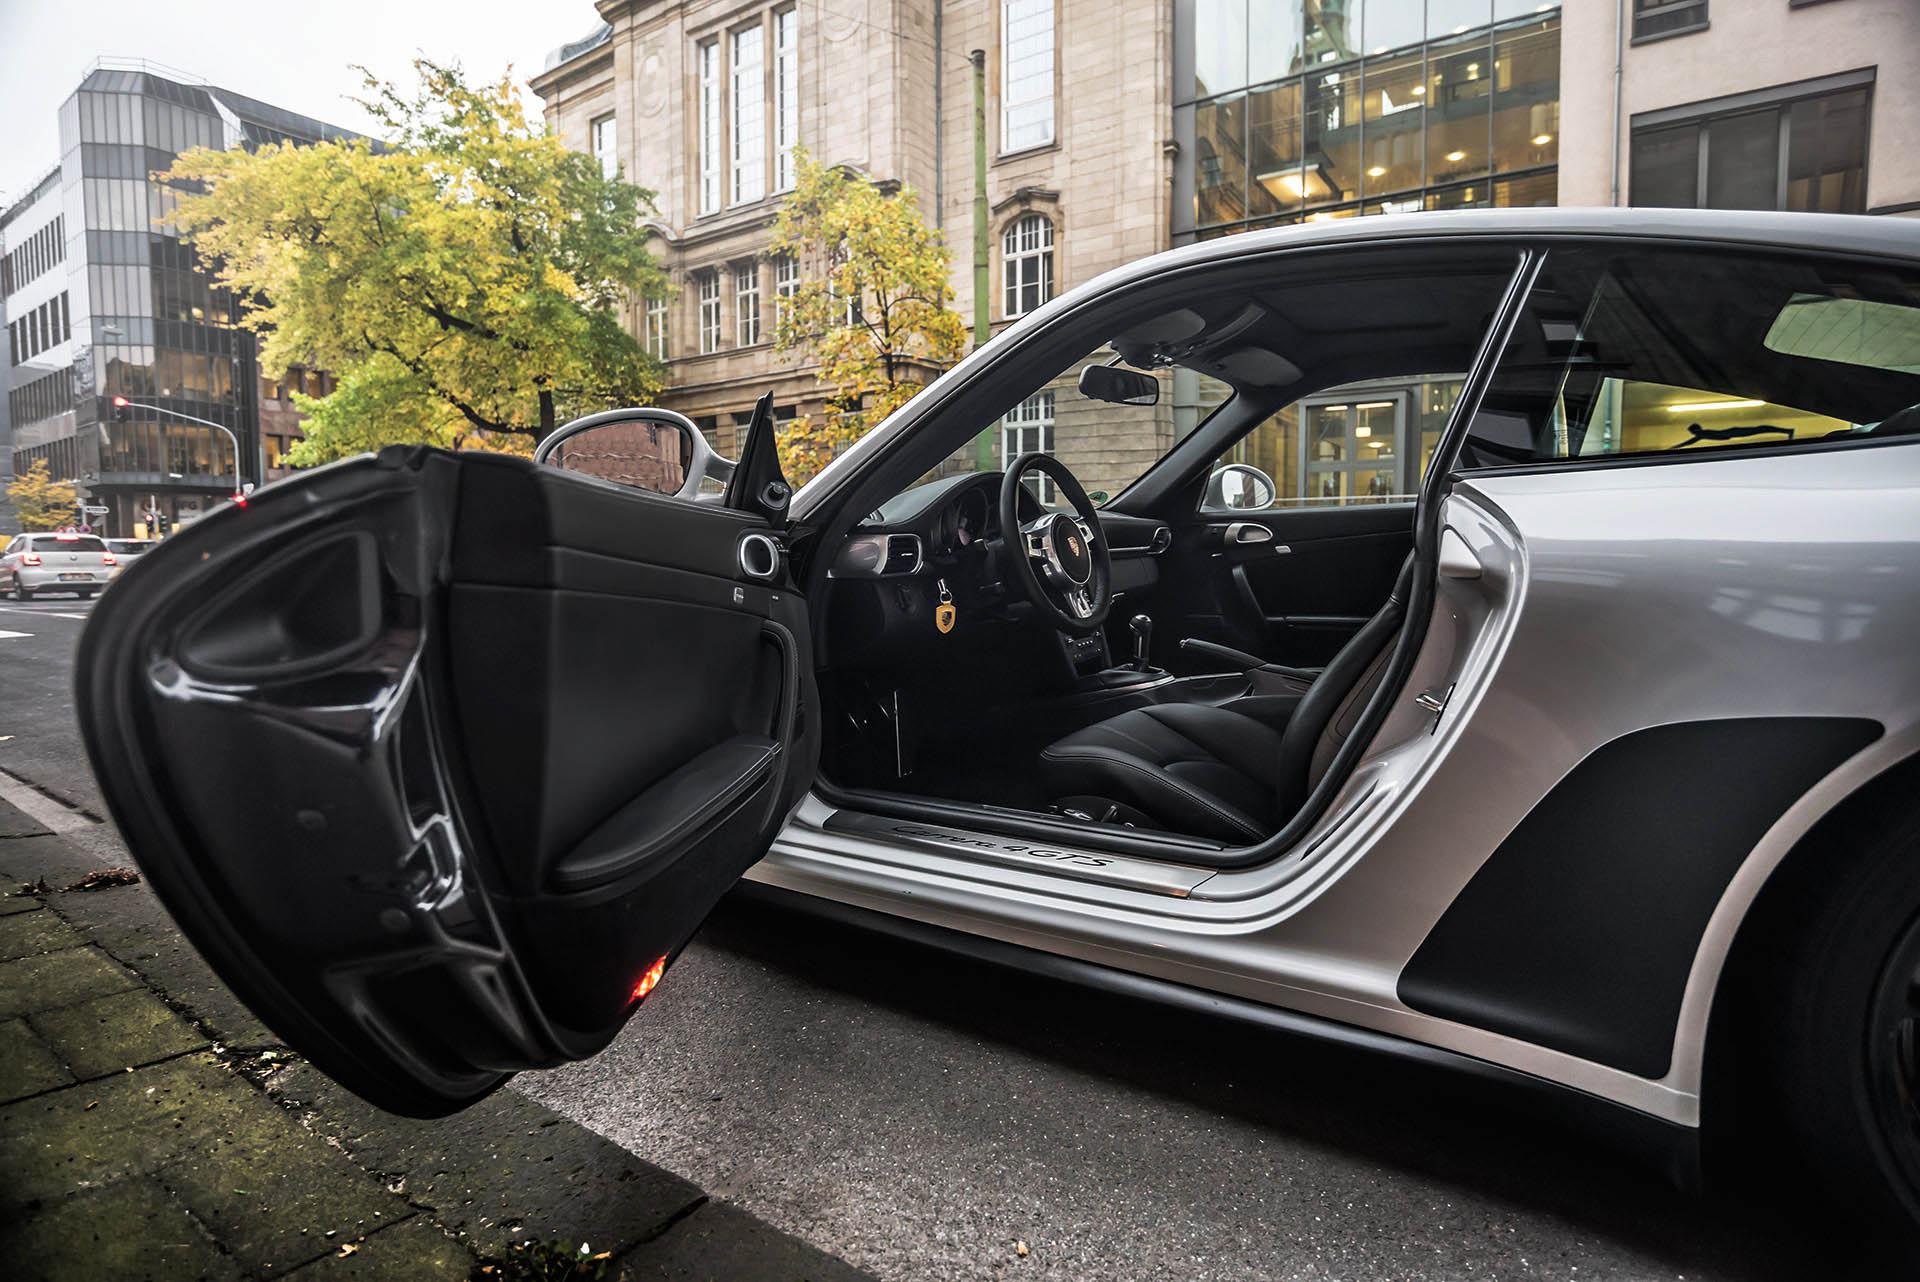 B&K_Sportwagen_Rheinland_GmbH_Porsche_997_4GTS_grau_11